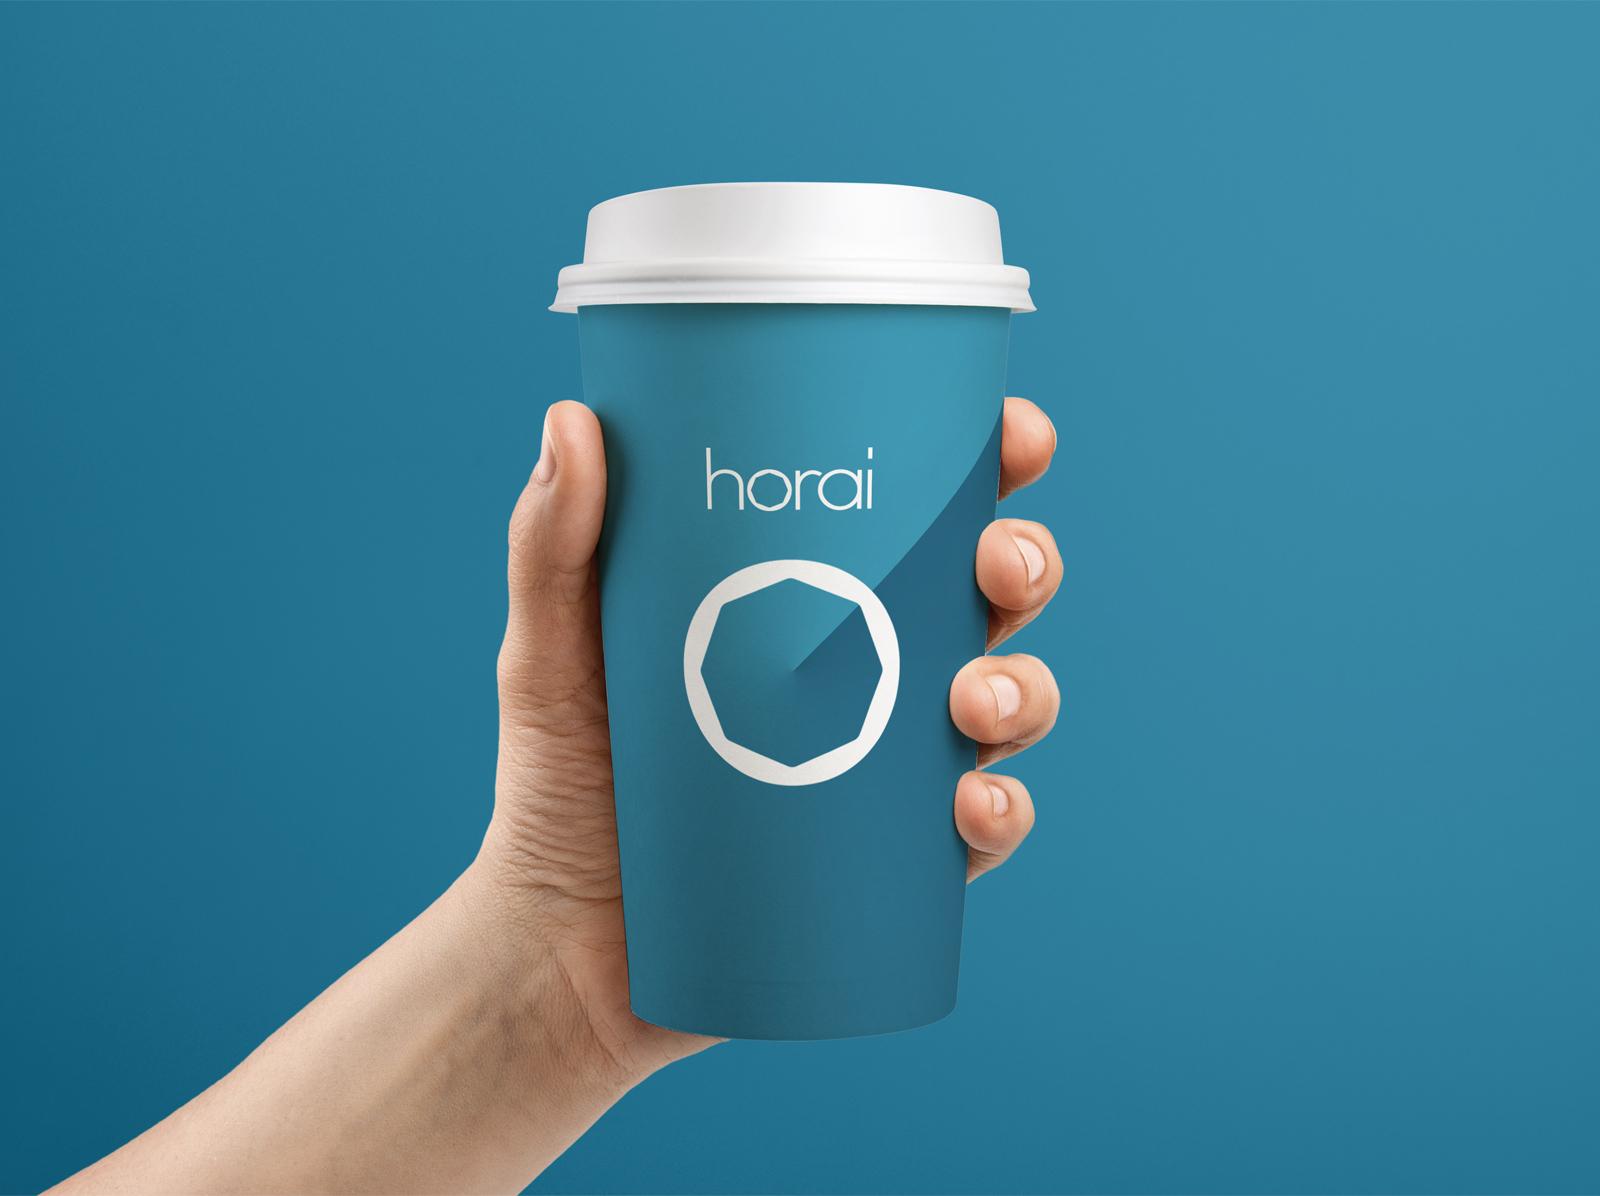 Horaiのロゴがプリントされた紙コップ